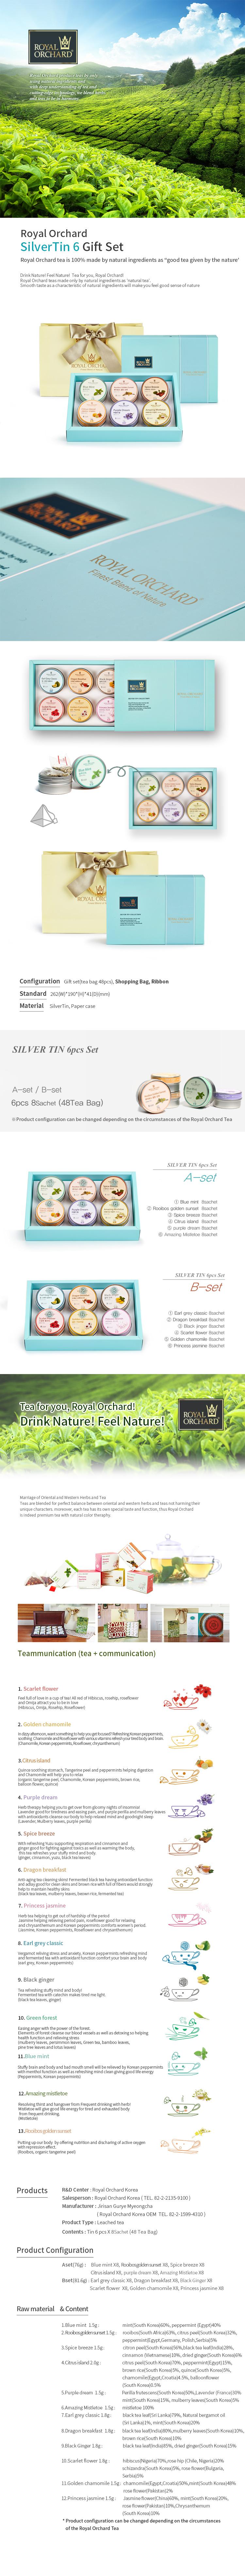 [Royal Orchard] Silver Tin 6 Giftset